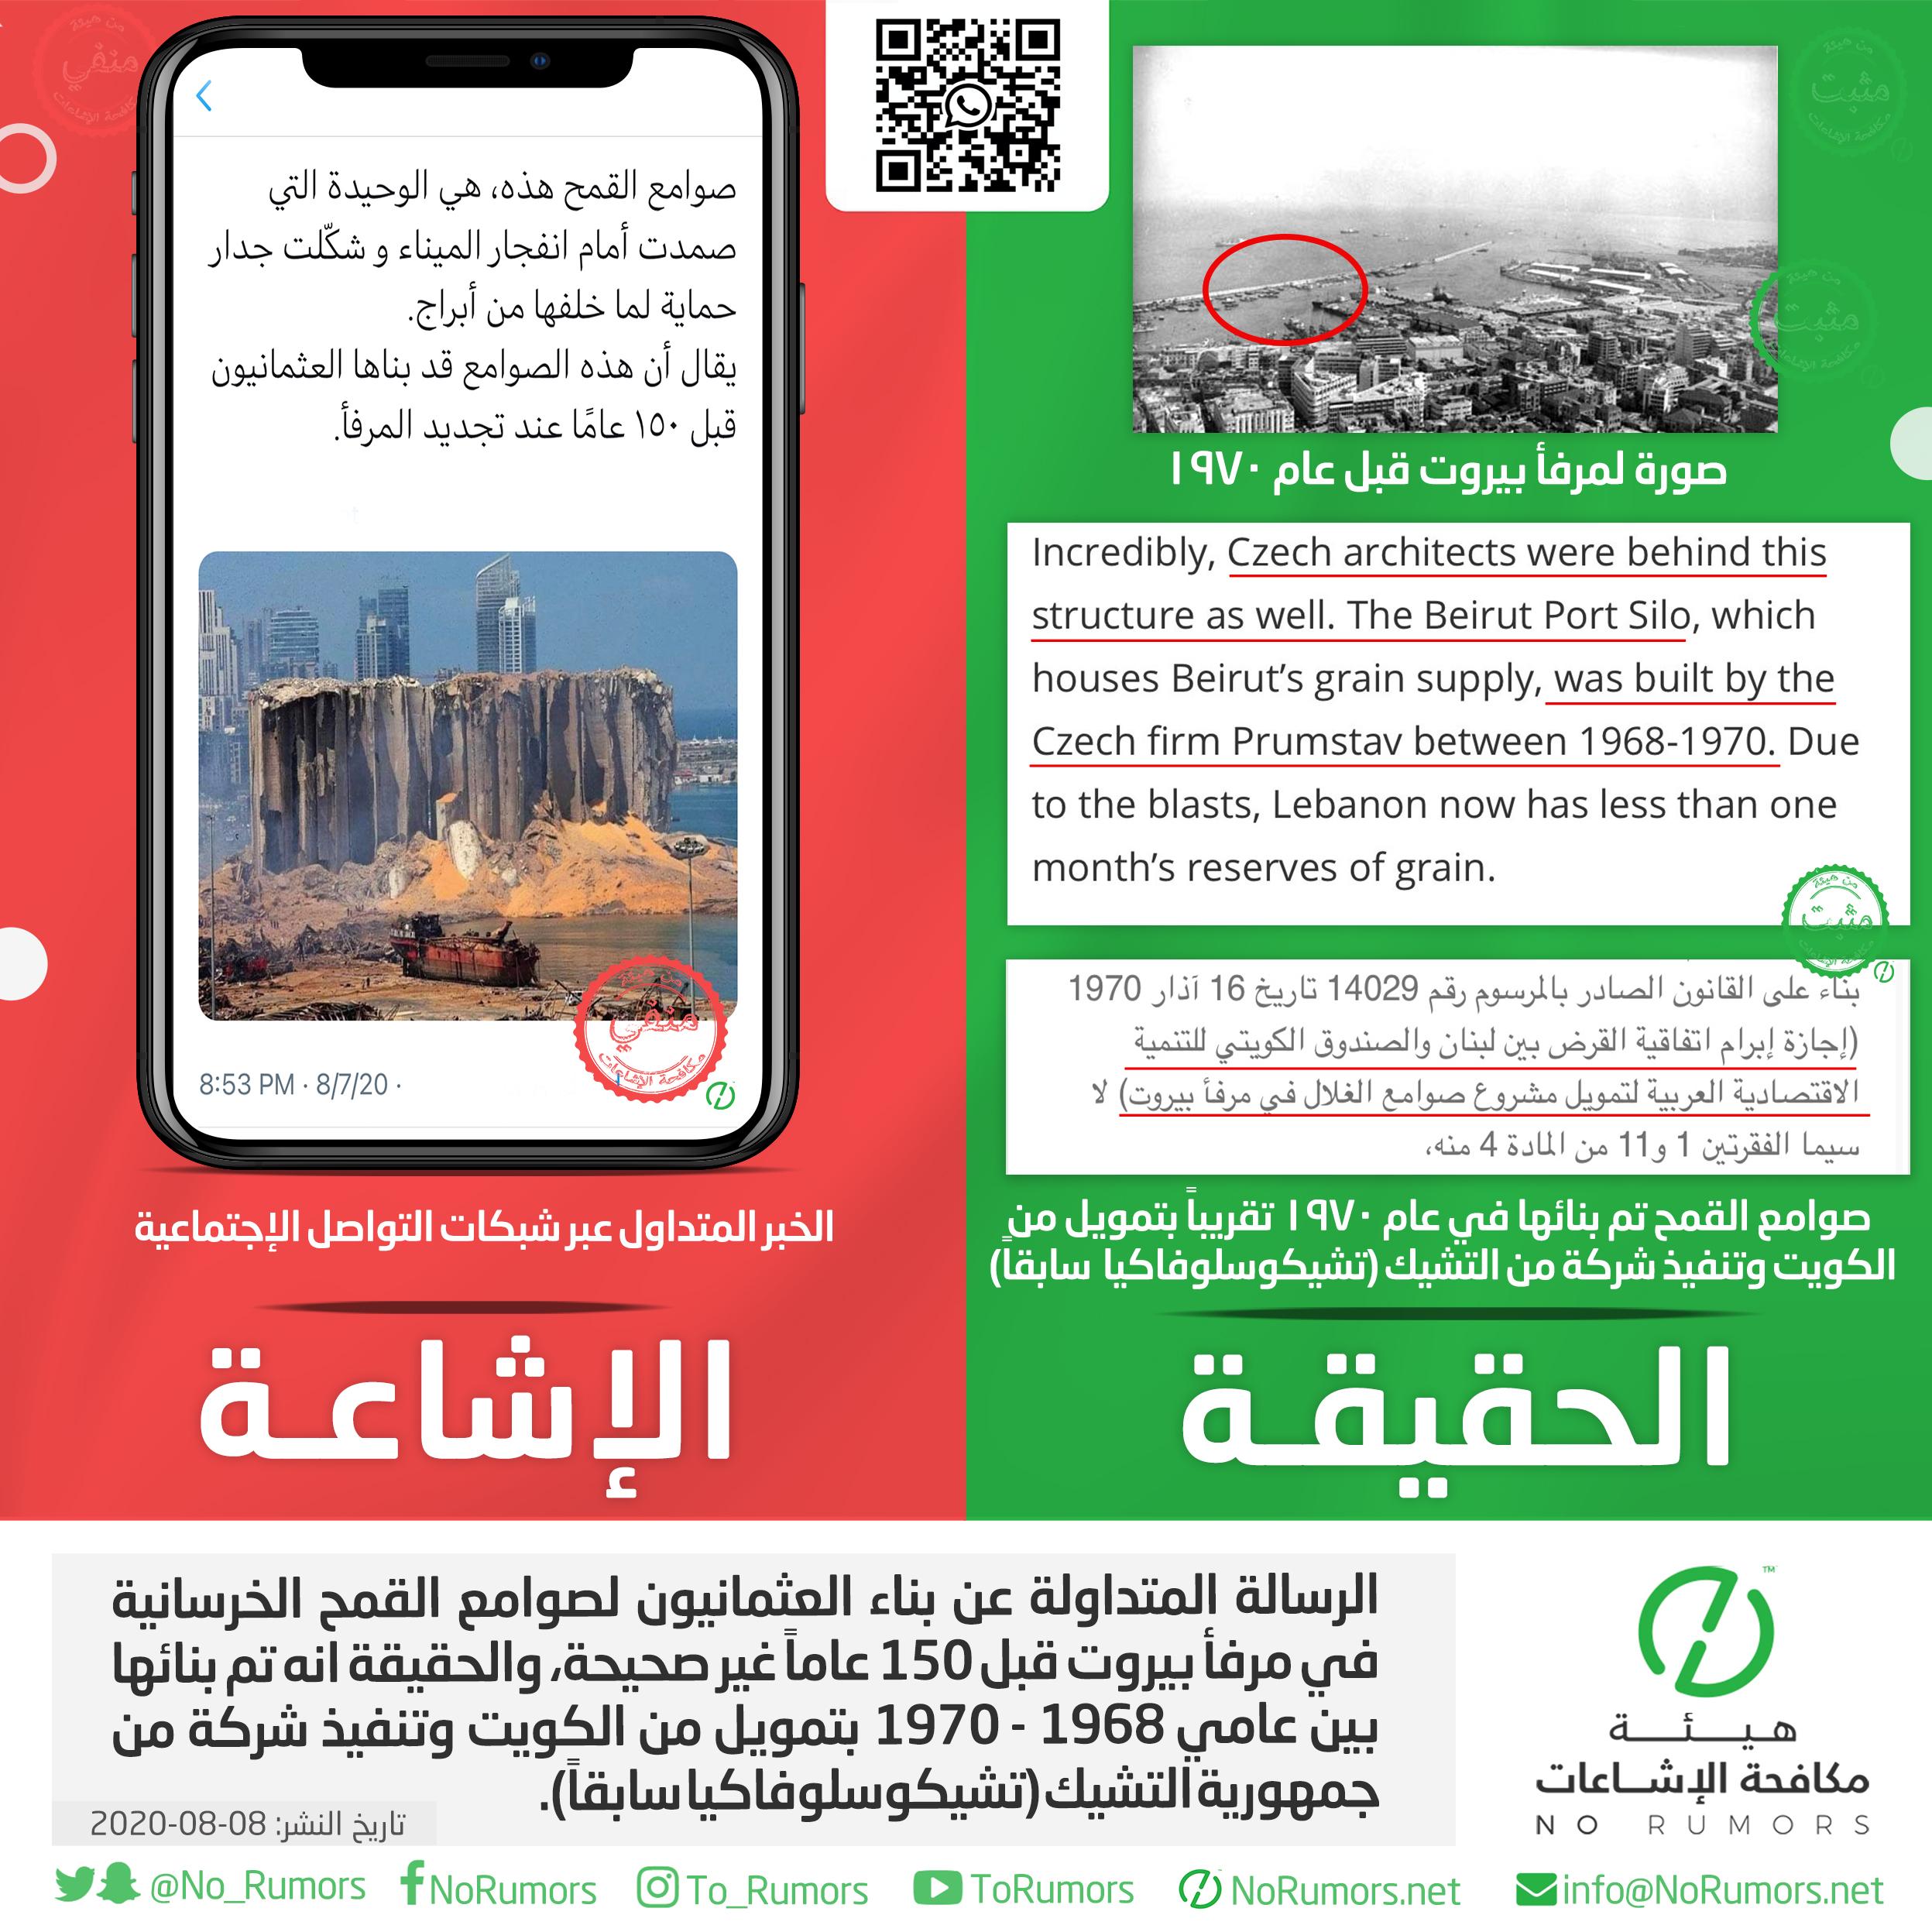 حقيقة الرسالة المتداولة عن بناء العثمانيون لصوامع القمح الخرسانية في مرفأ بيروت قبل 150 عاماً